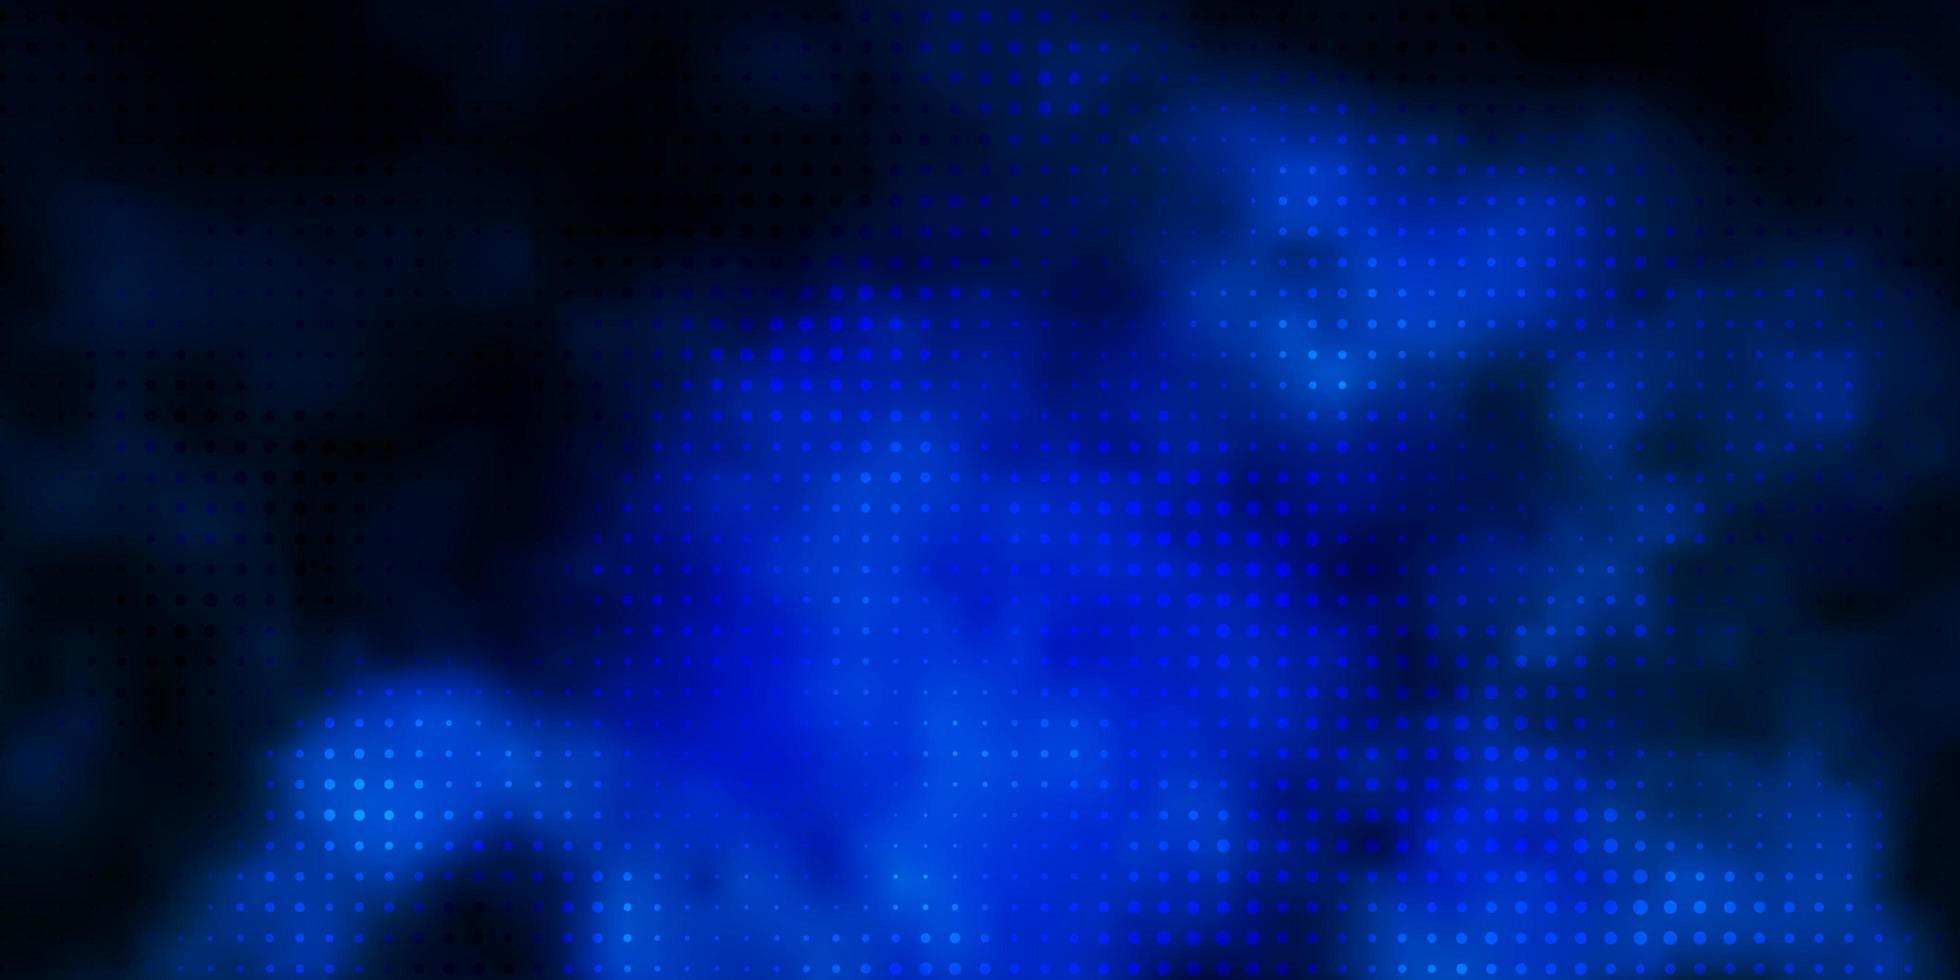 texture de vecteur bleu foncé avec des cercles.